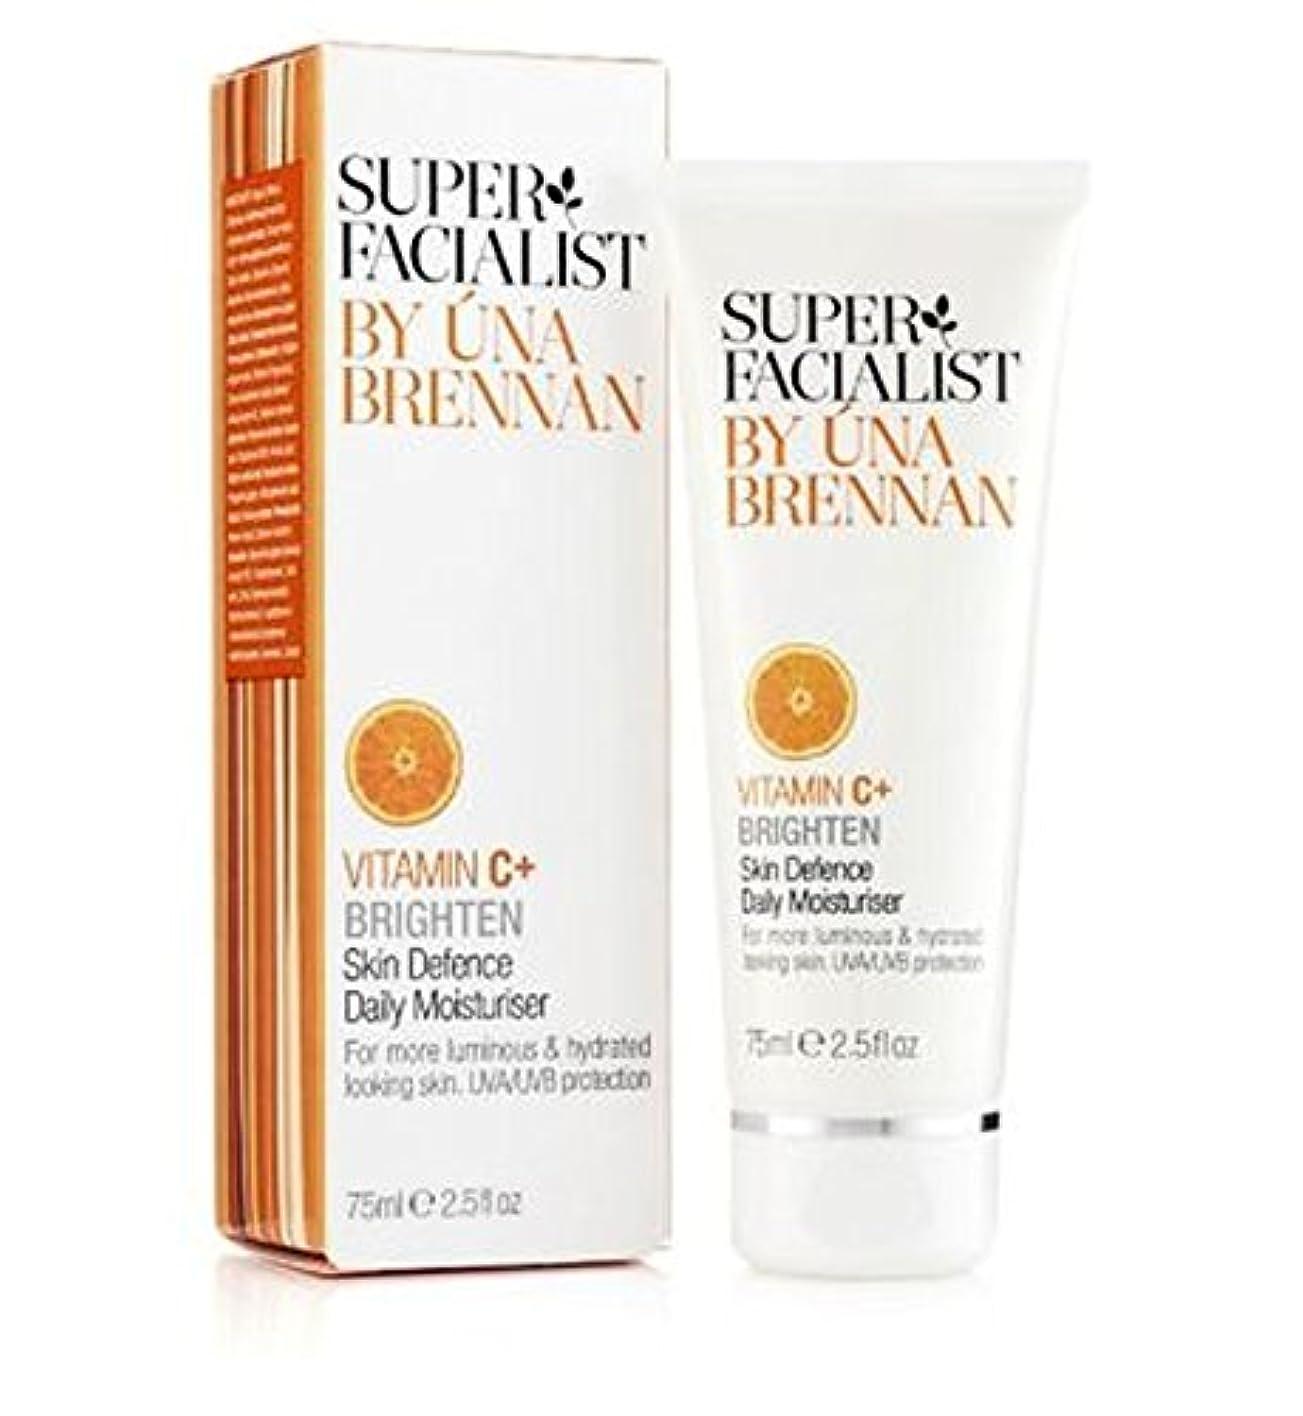 アベニュー月面細心のSuper Facialist Vitamin C+ Skin Defence Daily Moisturiser 75ml - スーパーFacialistのビタミンC +皮膚の防衛毎日の保湿75ミリリットル (Superfacialist) [並行輸入品]